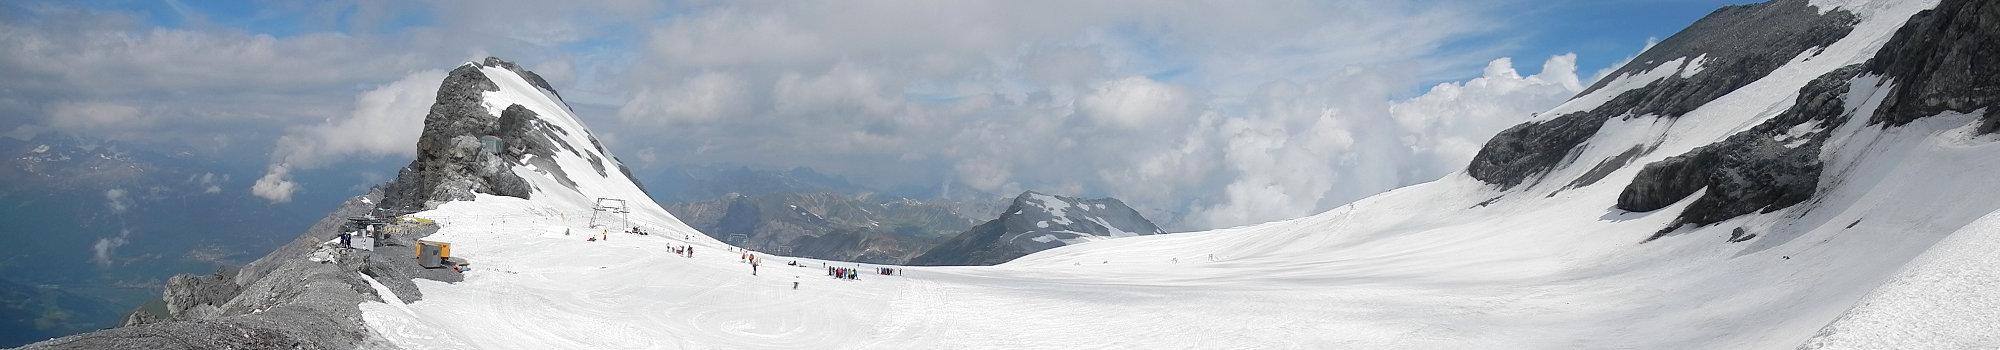 Passo Stelvio, Luglio 2014 - © Pirovano Passo Stelvio